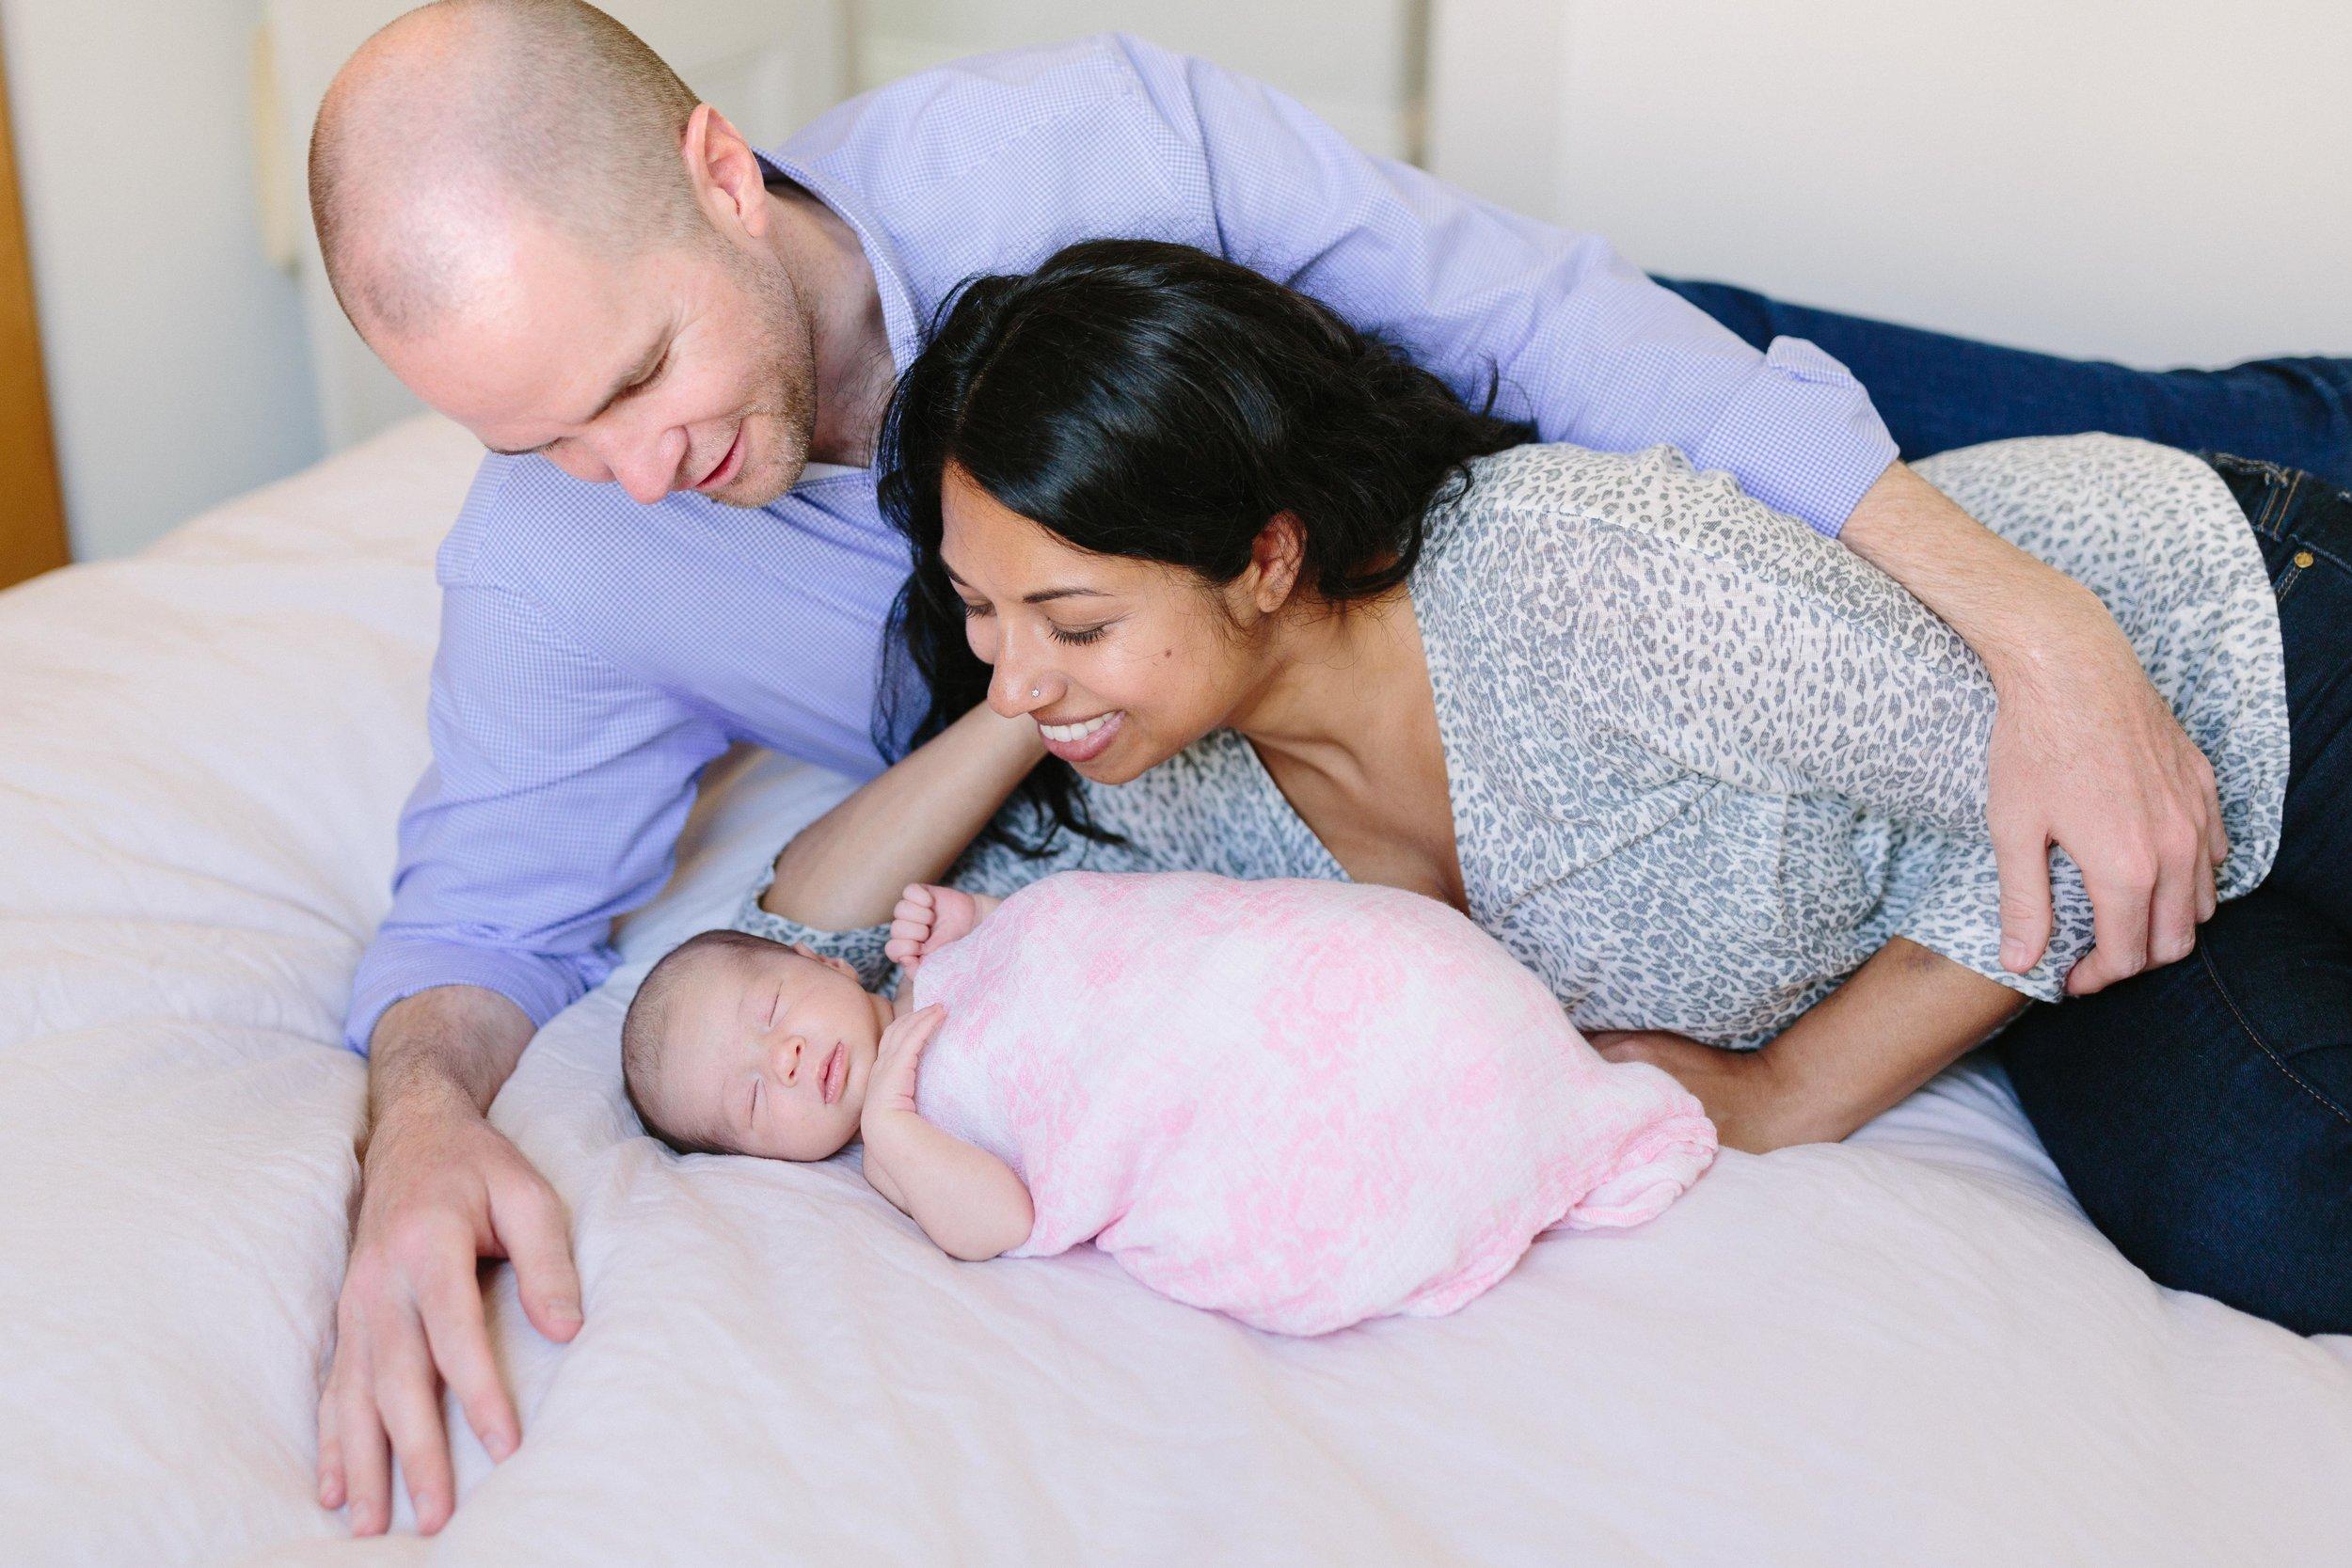 Newborn.Roni.6a.jpg